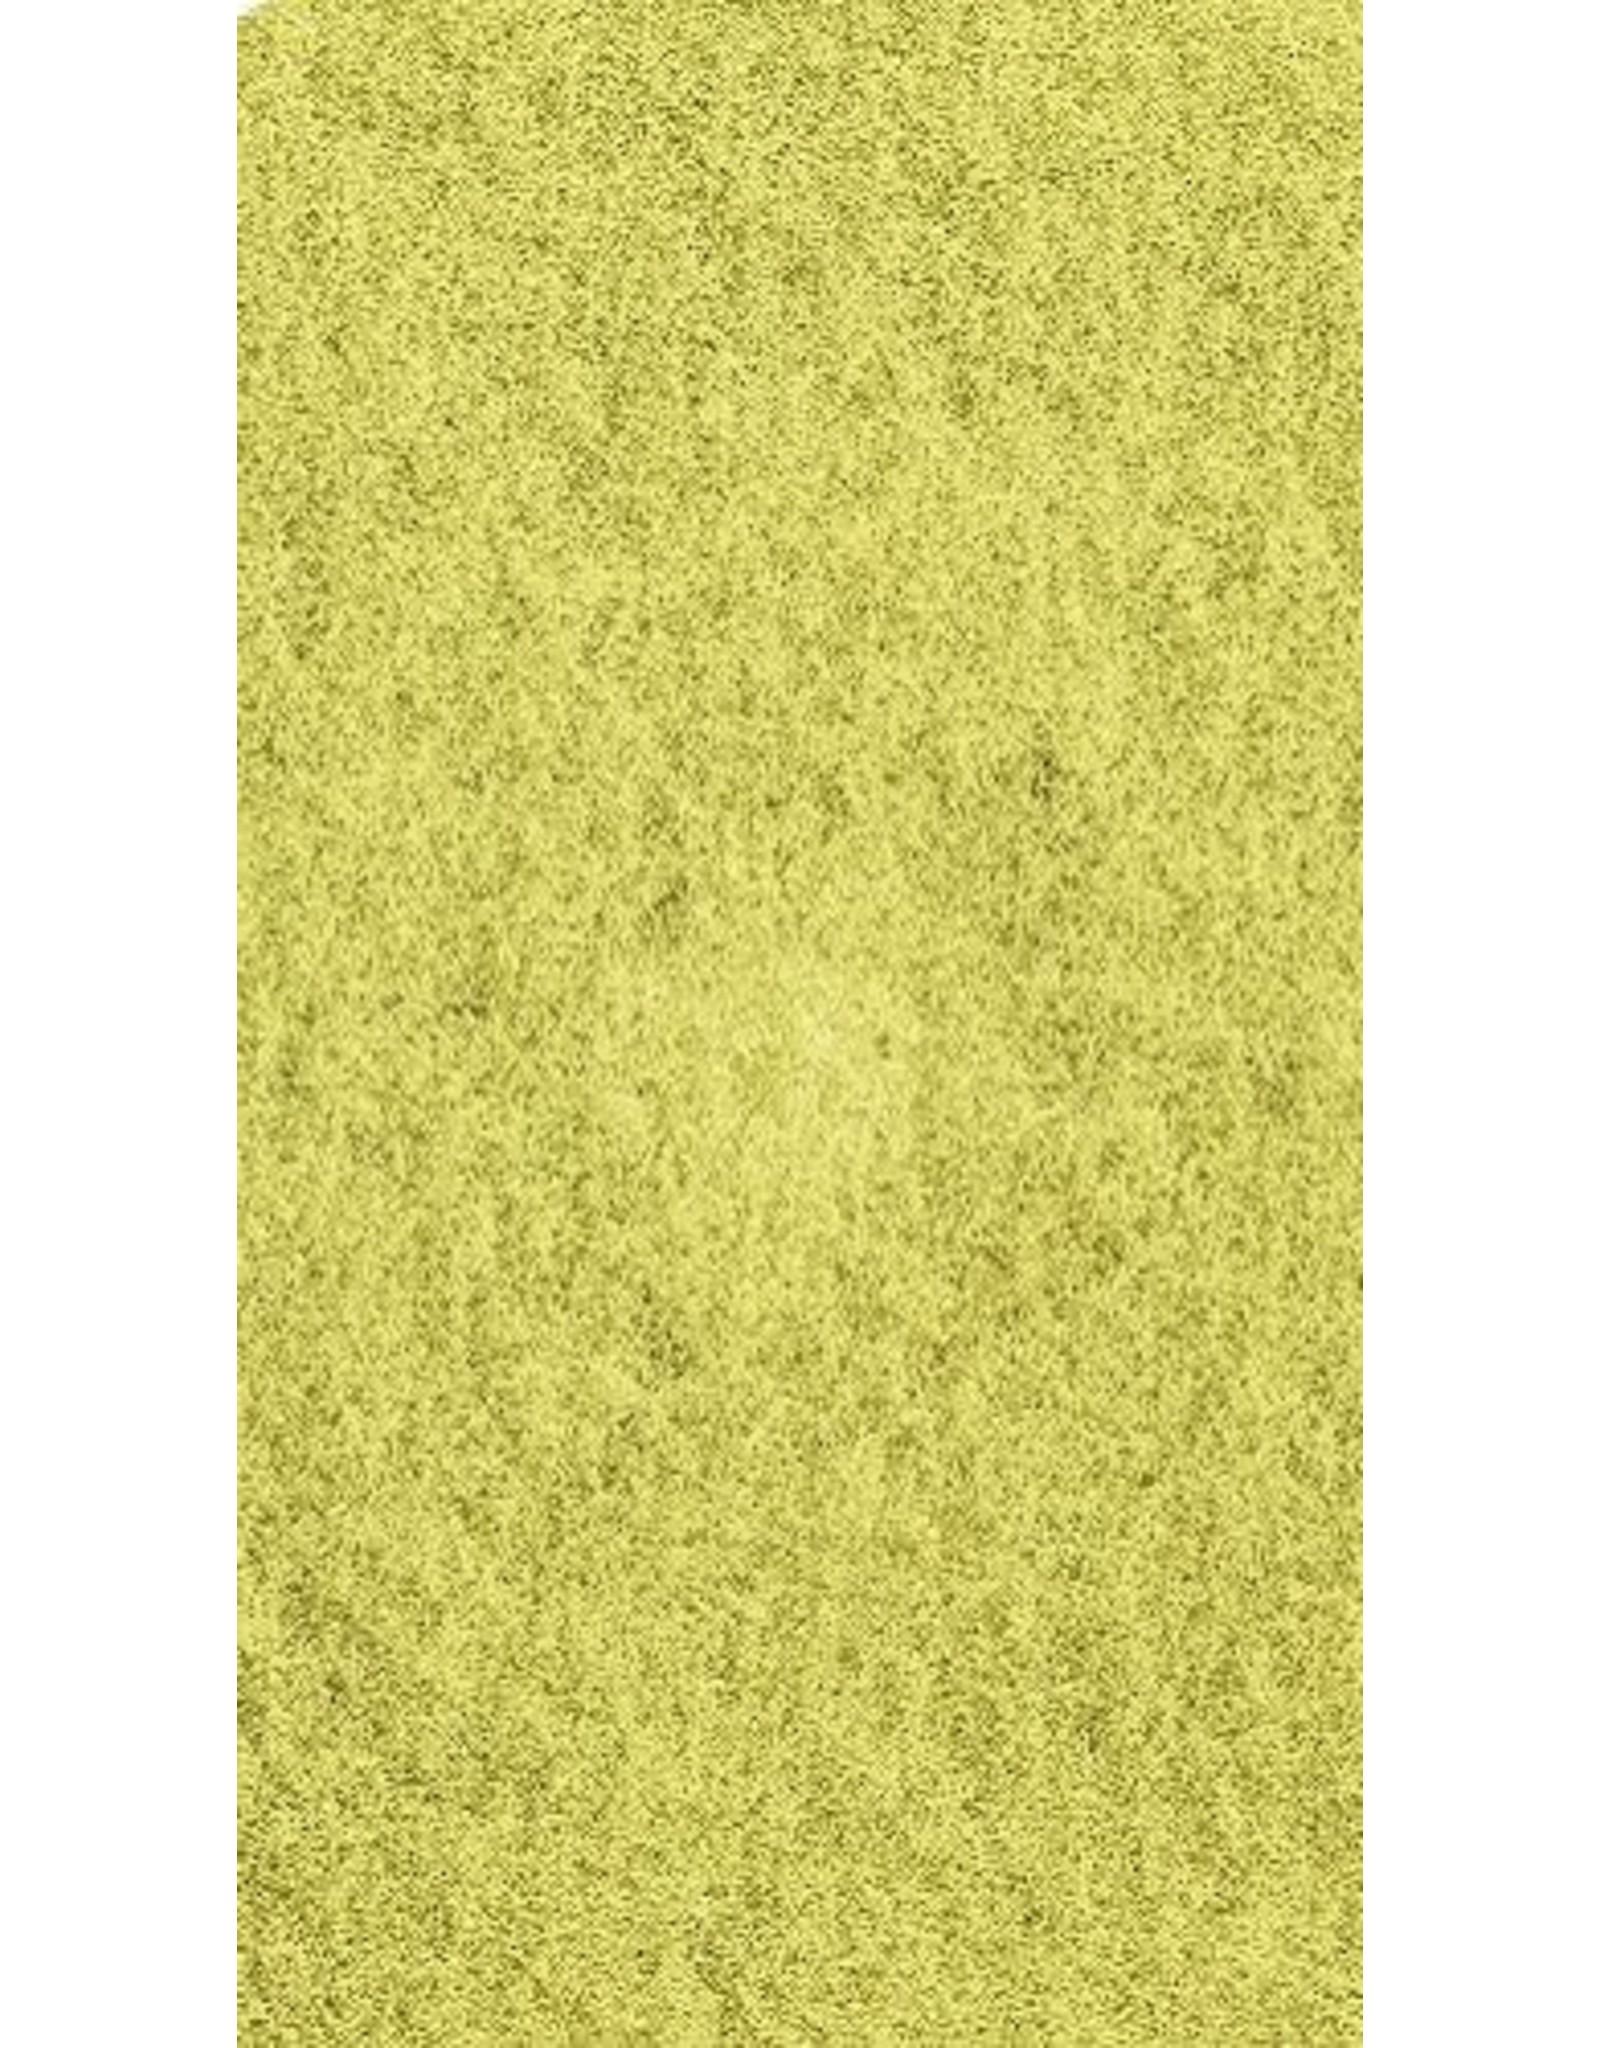 ACOR Diamant pads 115 x 250 mm